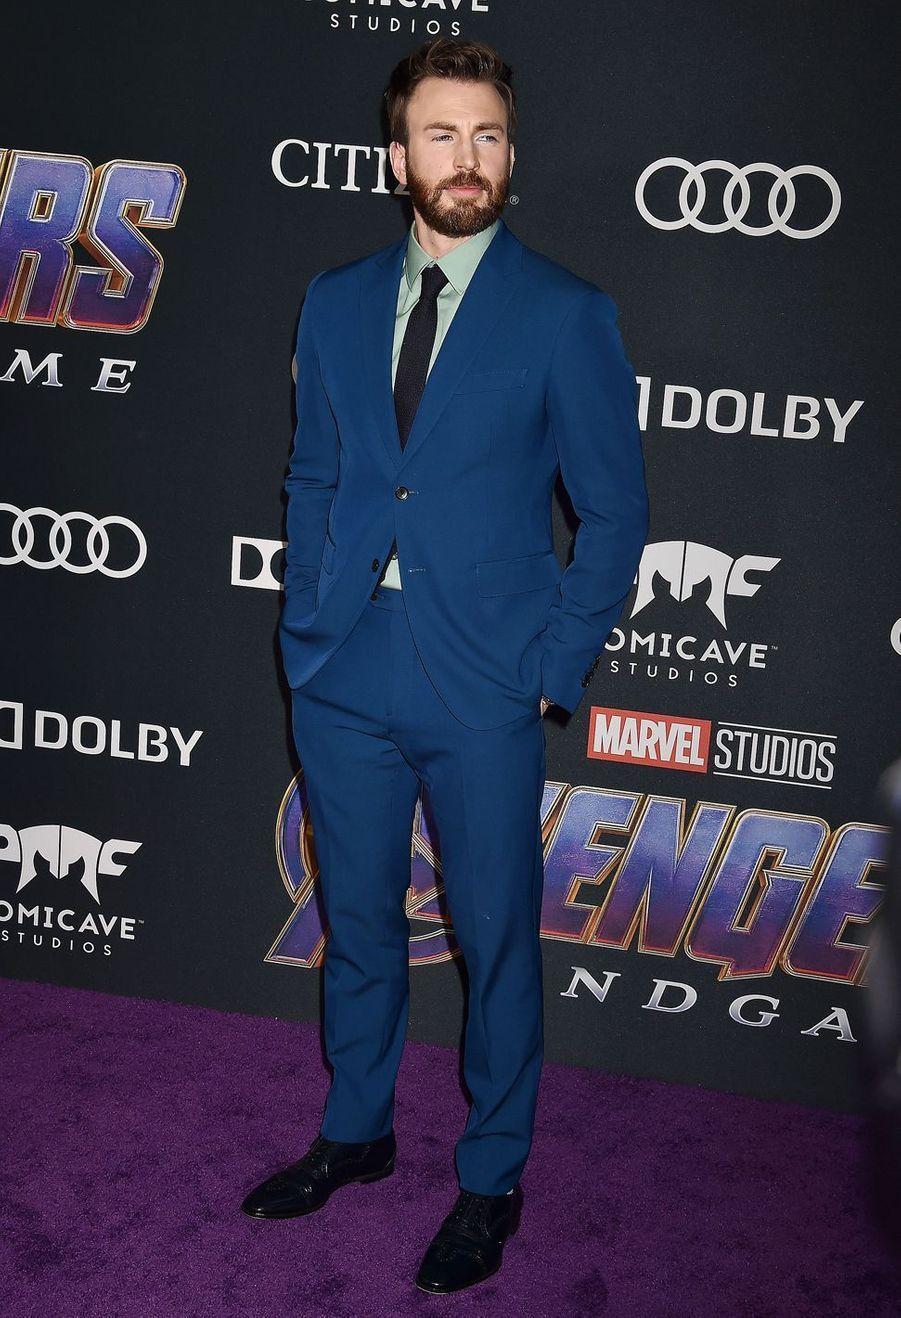 Chris Evansà l'avant-première d'«Avengers : Endgame» à Los Angeles le 22 avril 2019